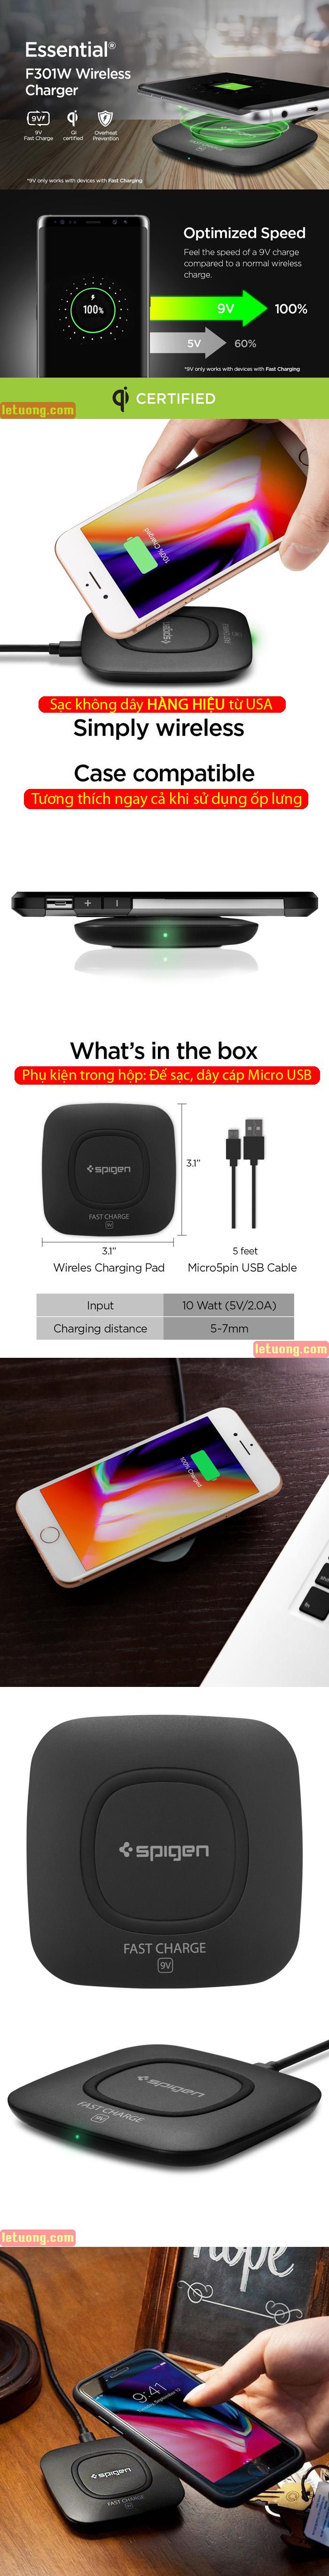 Đế sạc nhanh không dây Spigen Essential F301W Wireless Ultra Slim từ USA 6